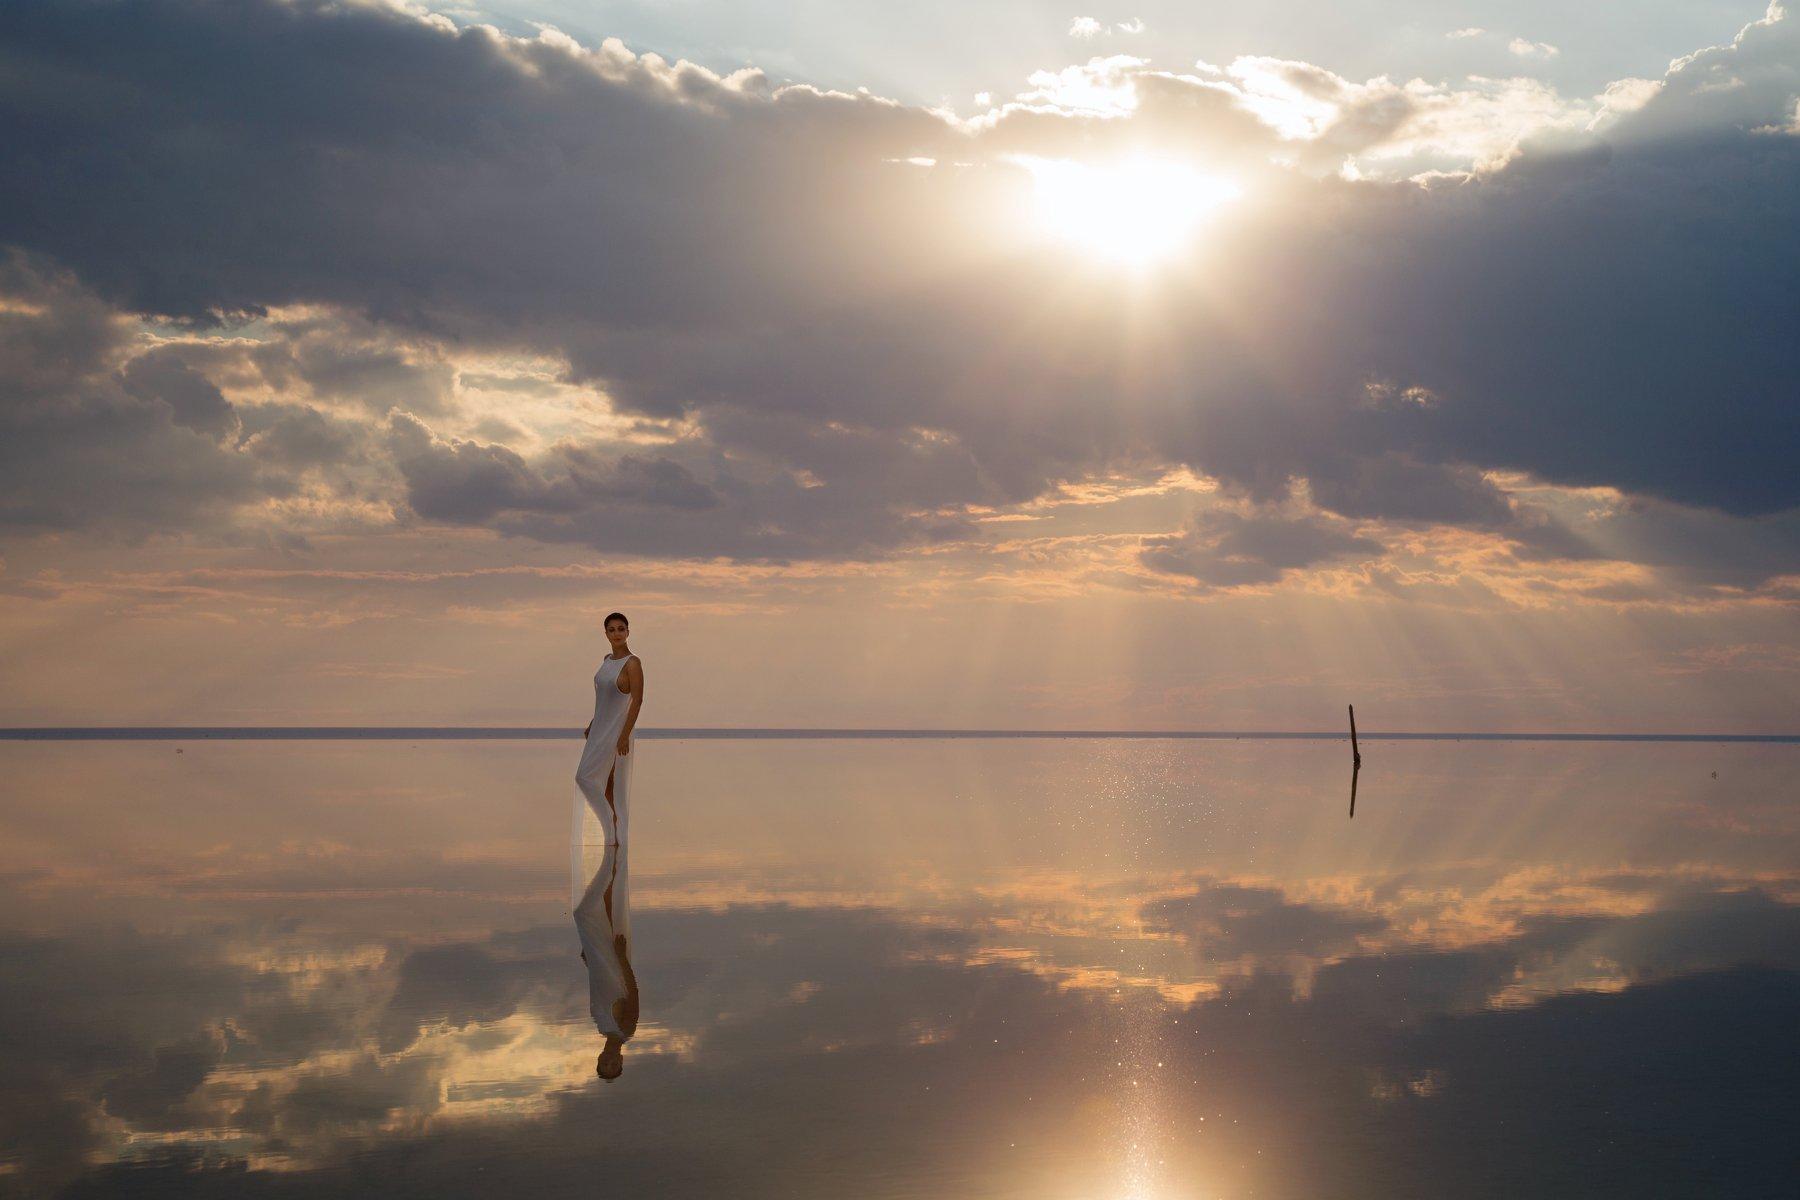 фото , цвет , отражение , небо , солнце , вода , озеро , девушка , эльтон, Федотов Вадим(Vadius)